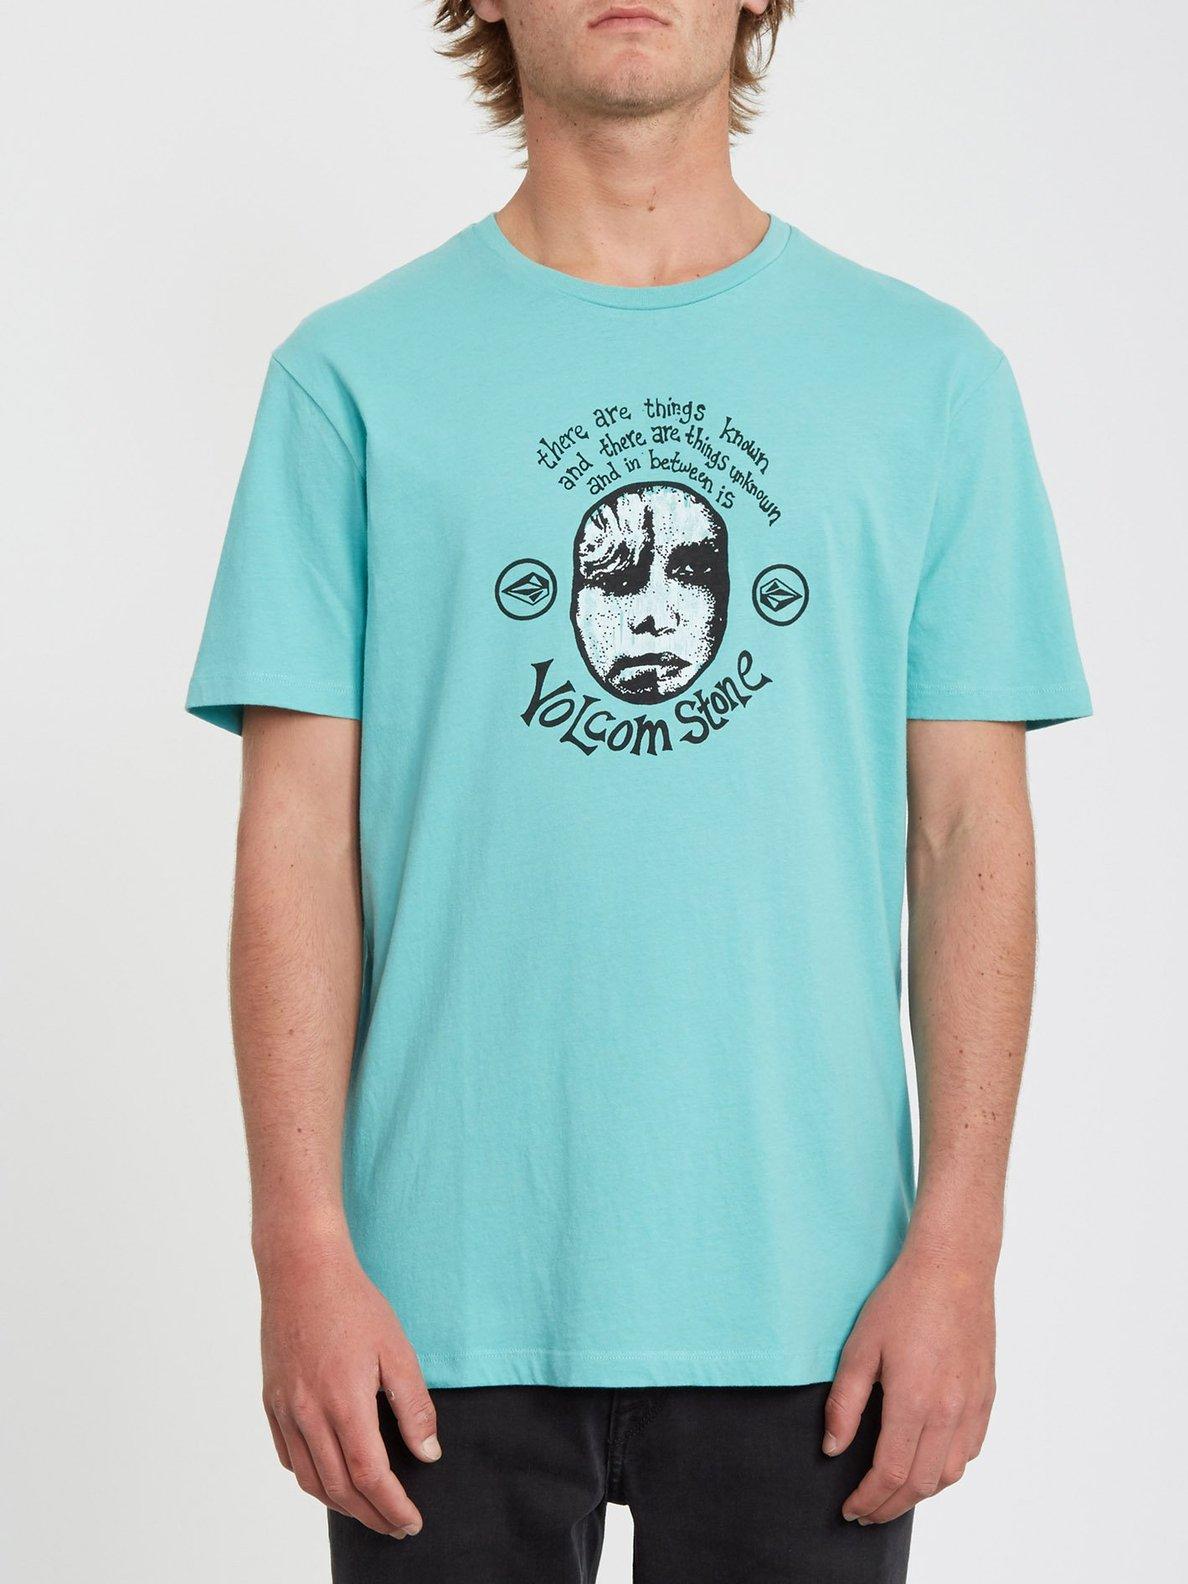 T-Shirt Volcom In Between